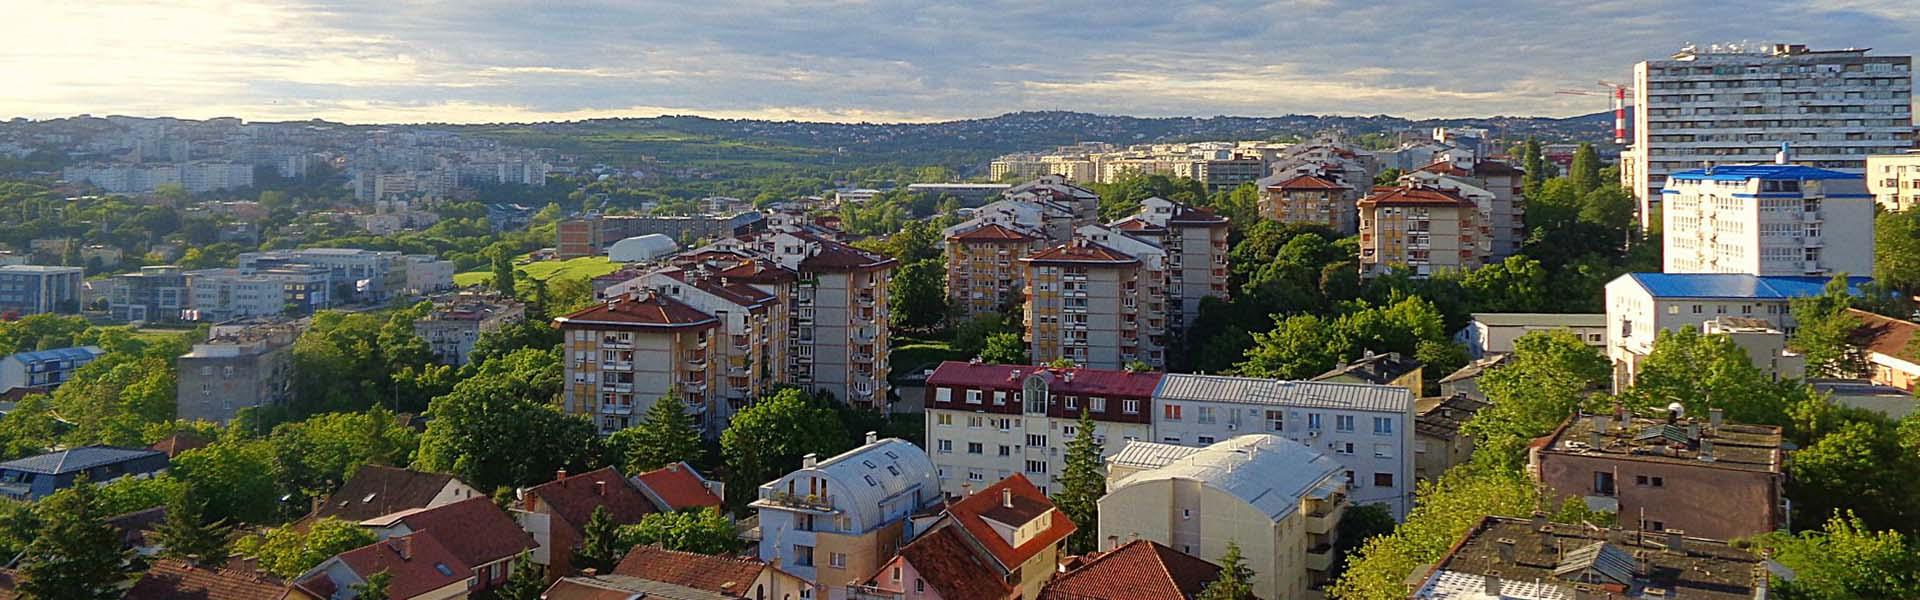 Dostava hrane Voždovac | Beograd